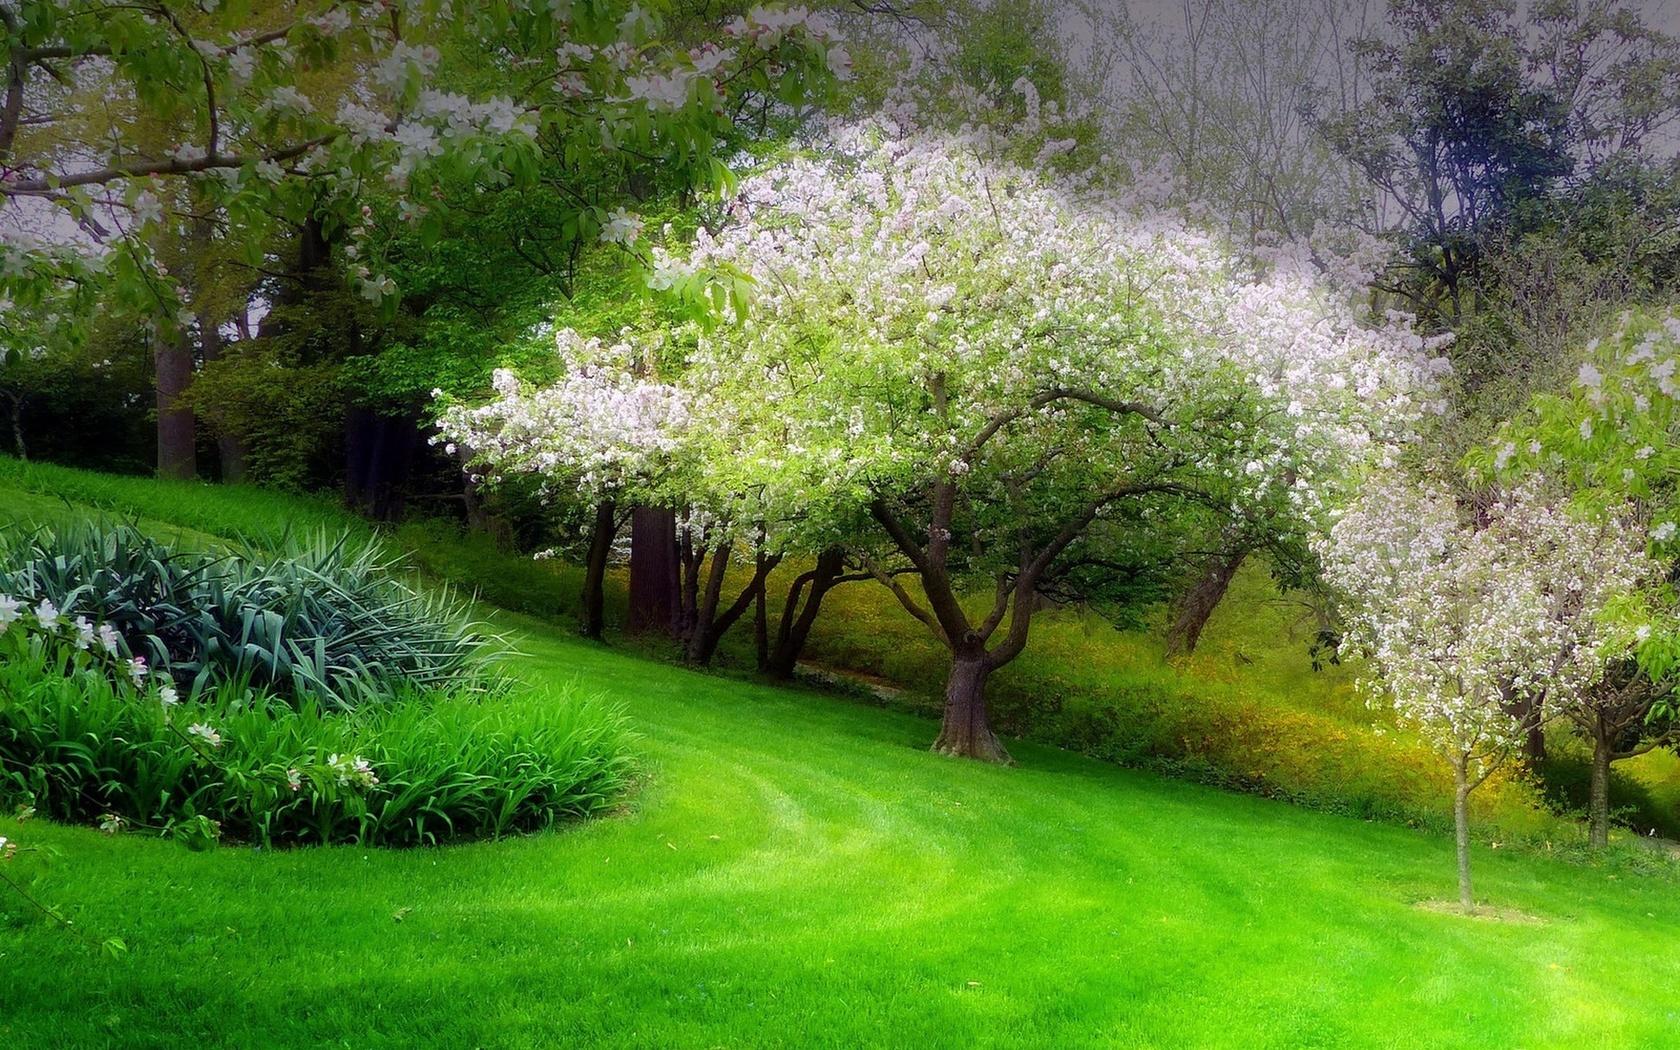 красивые весенние сады картинки удерживает салоне именно